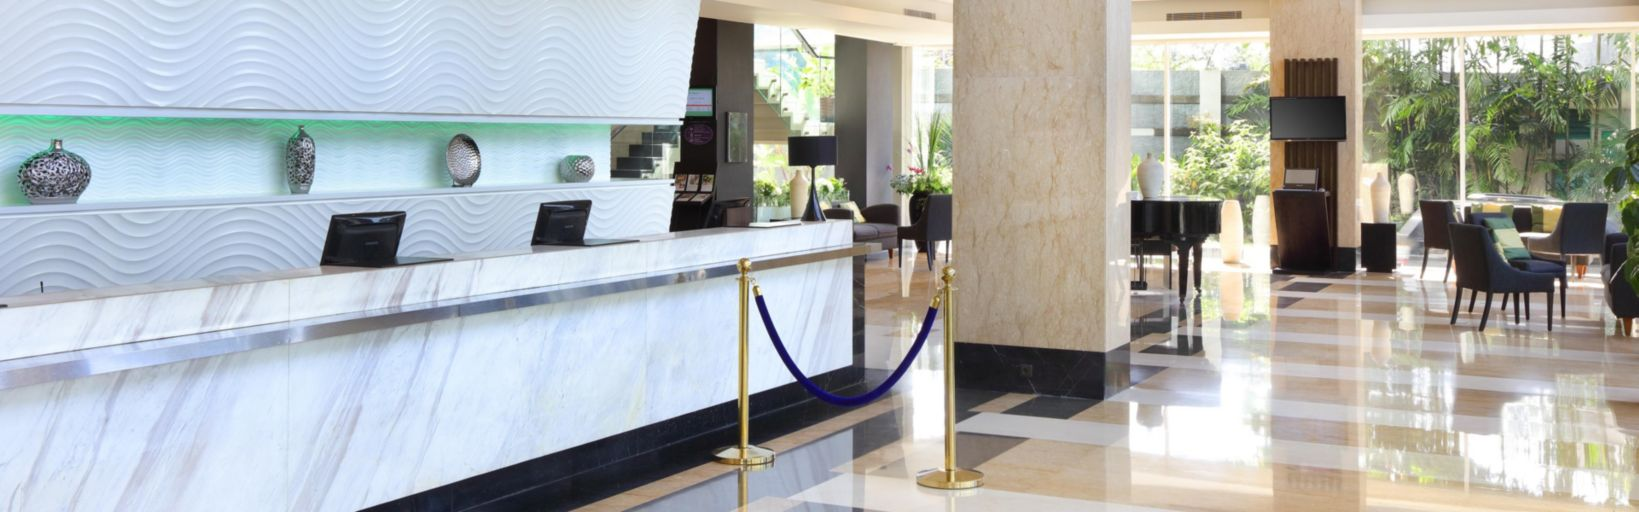 Holiday Inn Bandung Pasteur Hotel Ihg Lobby Rumah Mode Kab